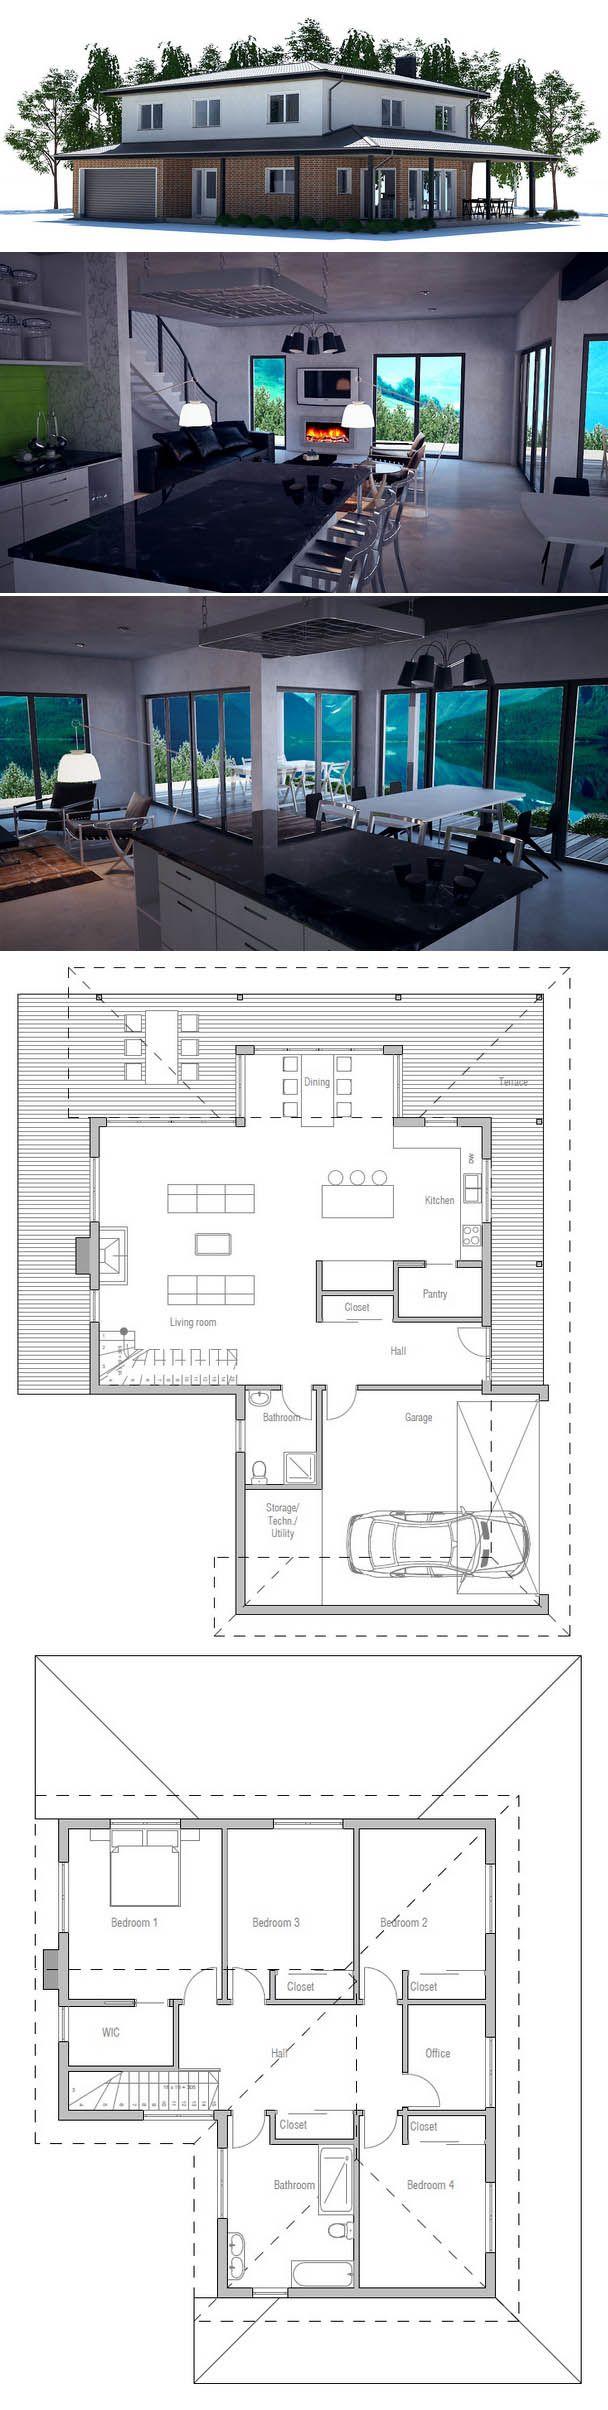 Oltre 25 fantastiche idee su planimetrie di case su for Log home planimetrie